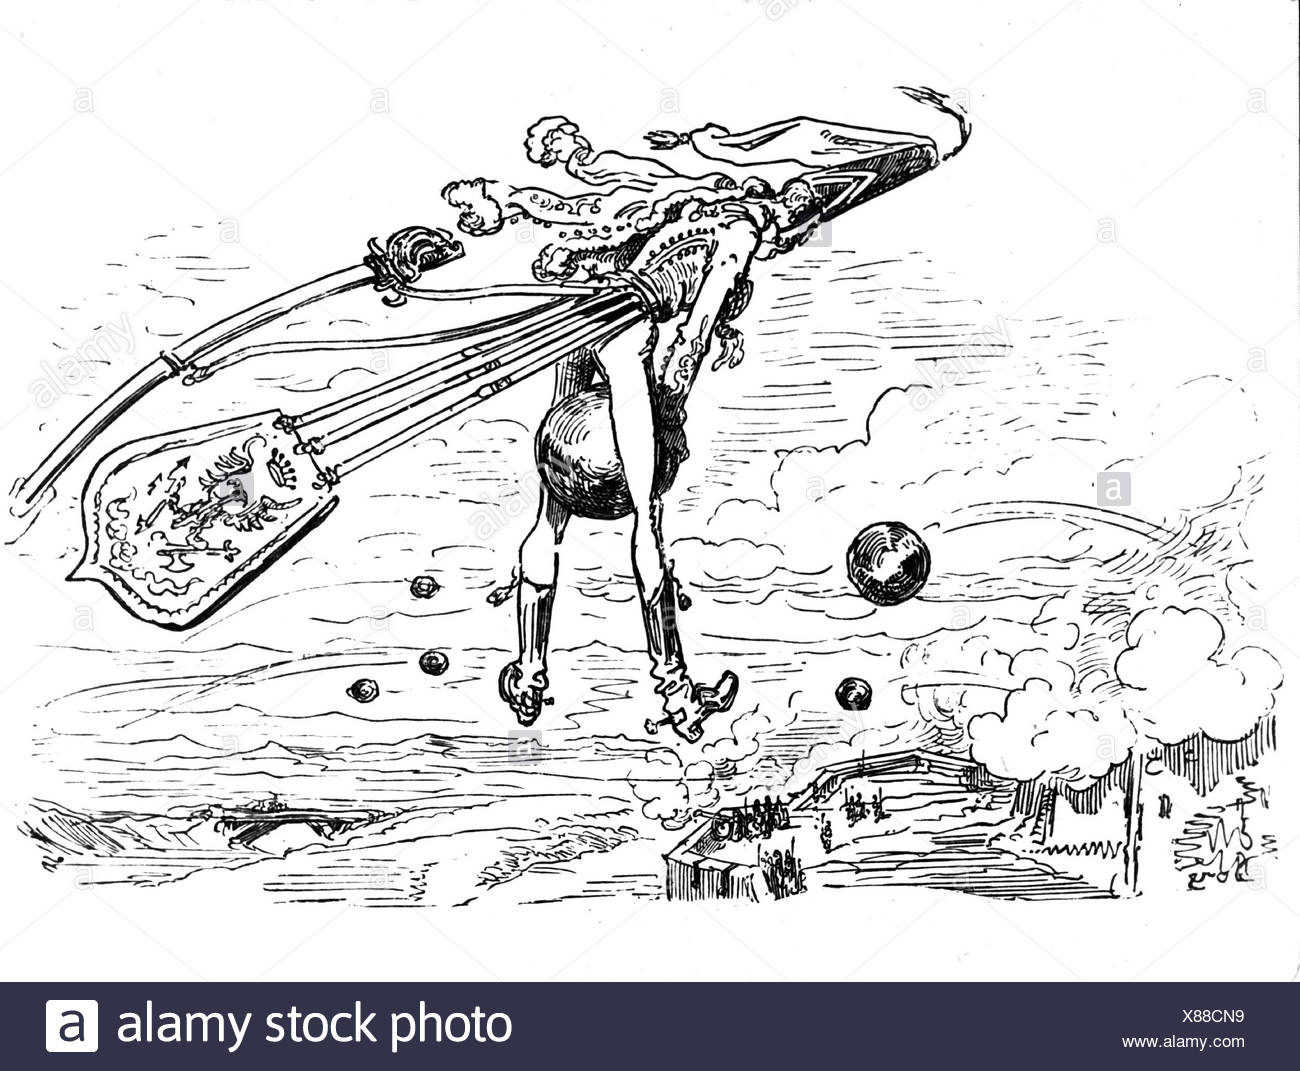 Münchhausen, Barón Karl Friedrich Hieronymus, Freiherr von, 11.5.1720 - 22.2.1797, escena de sus aventuras: Volar sobre canonball, grabado en madera siglo 19, Foto de stock